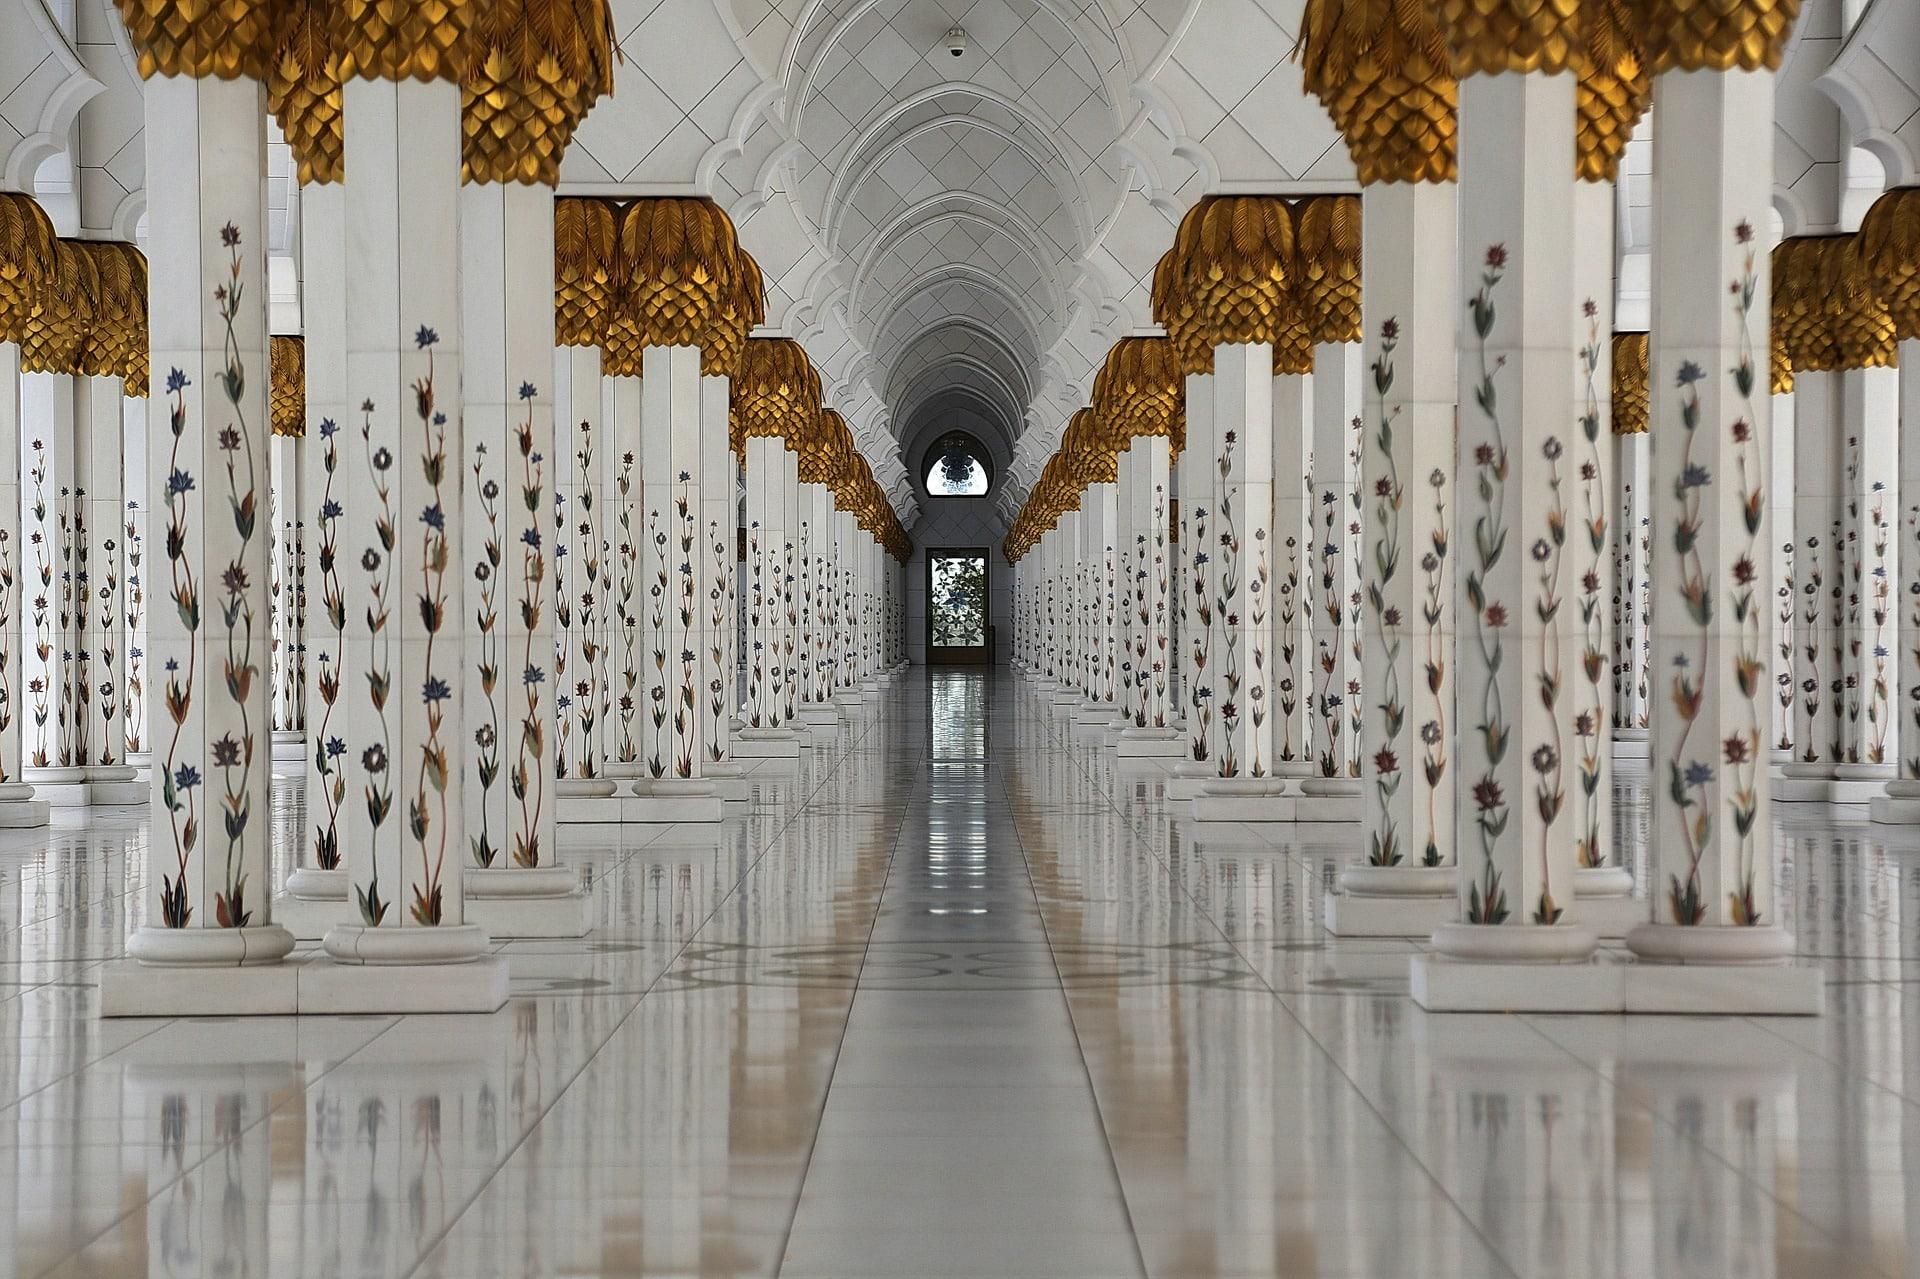 صورة خلفيات بوربوينت اسلامية روعة للعروض مجانا للتحميل وبدون حقوق